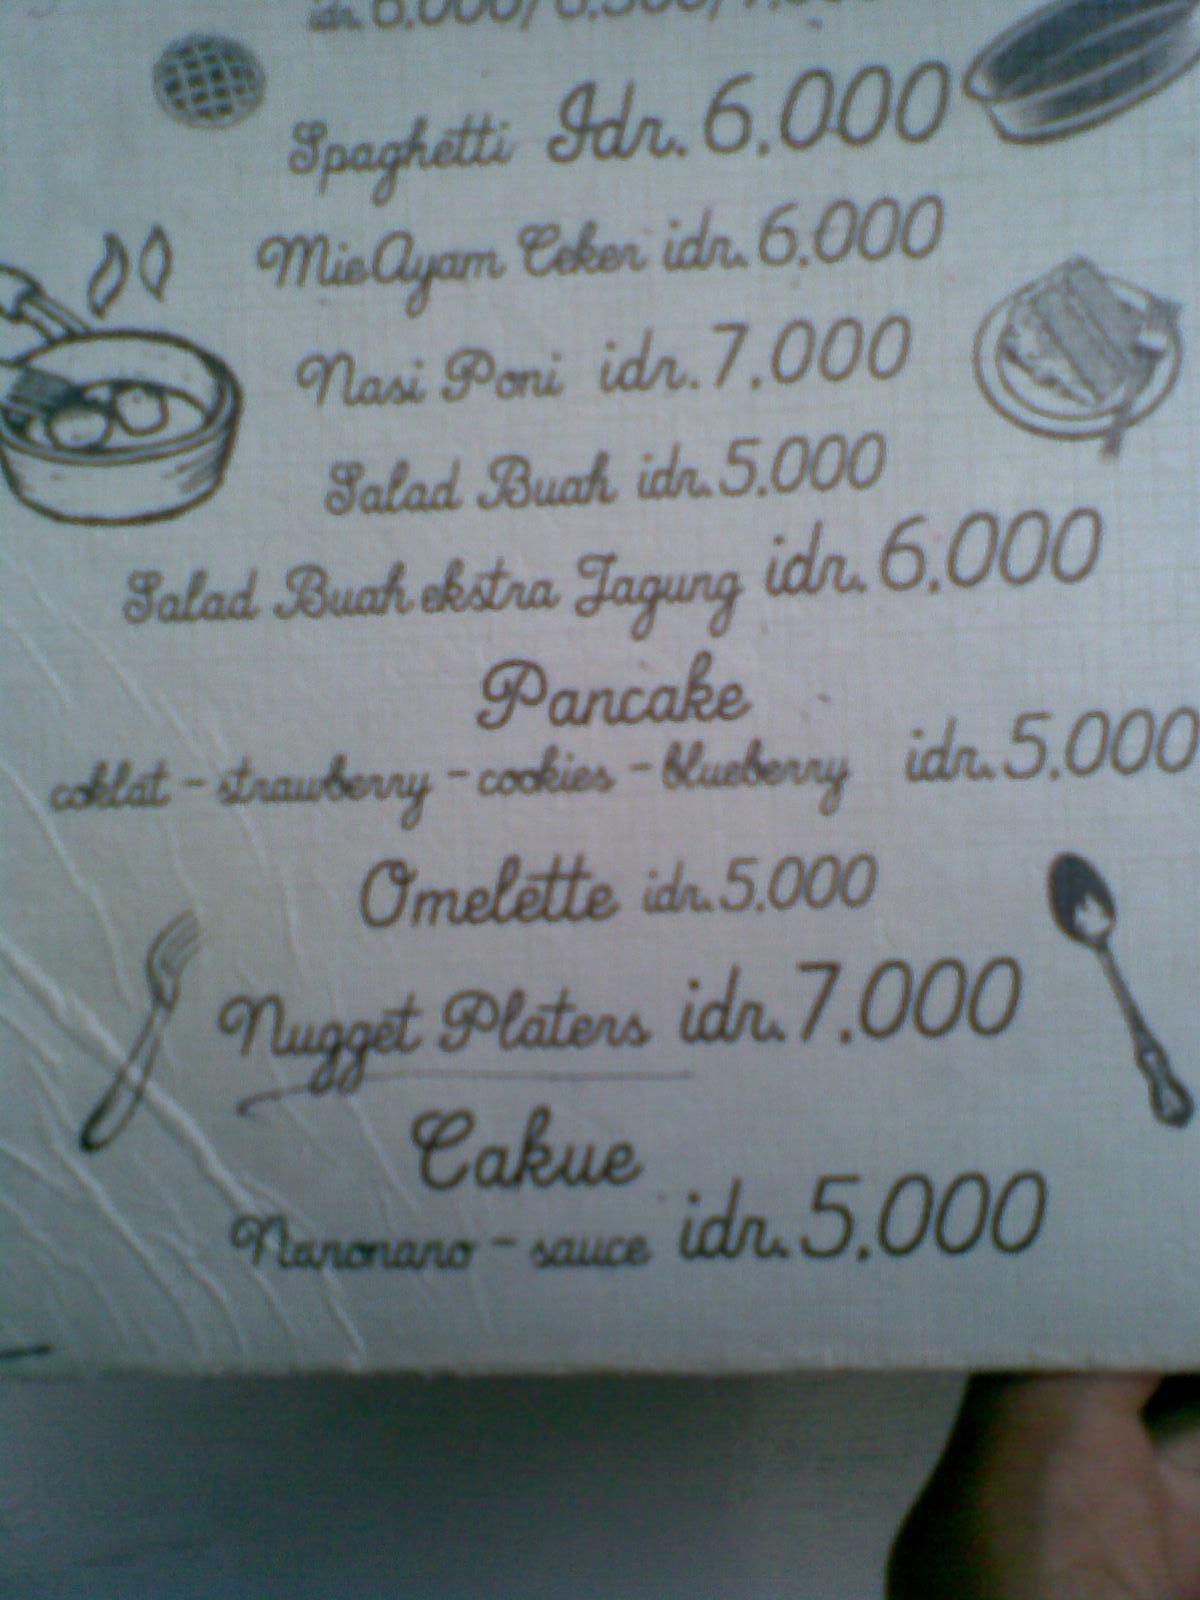 Mie Huhah Spageti Salad Buah Milkshake